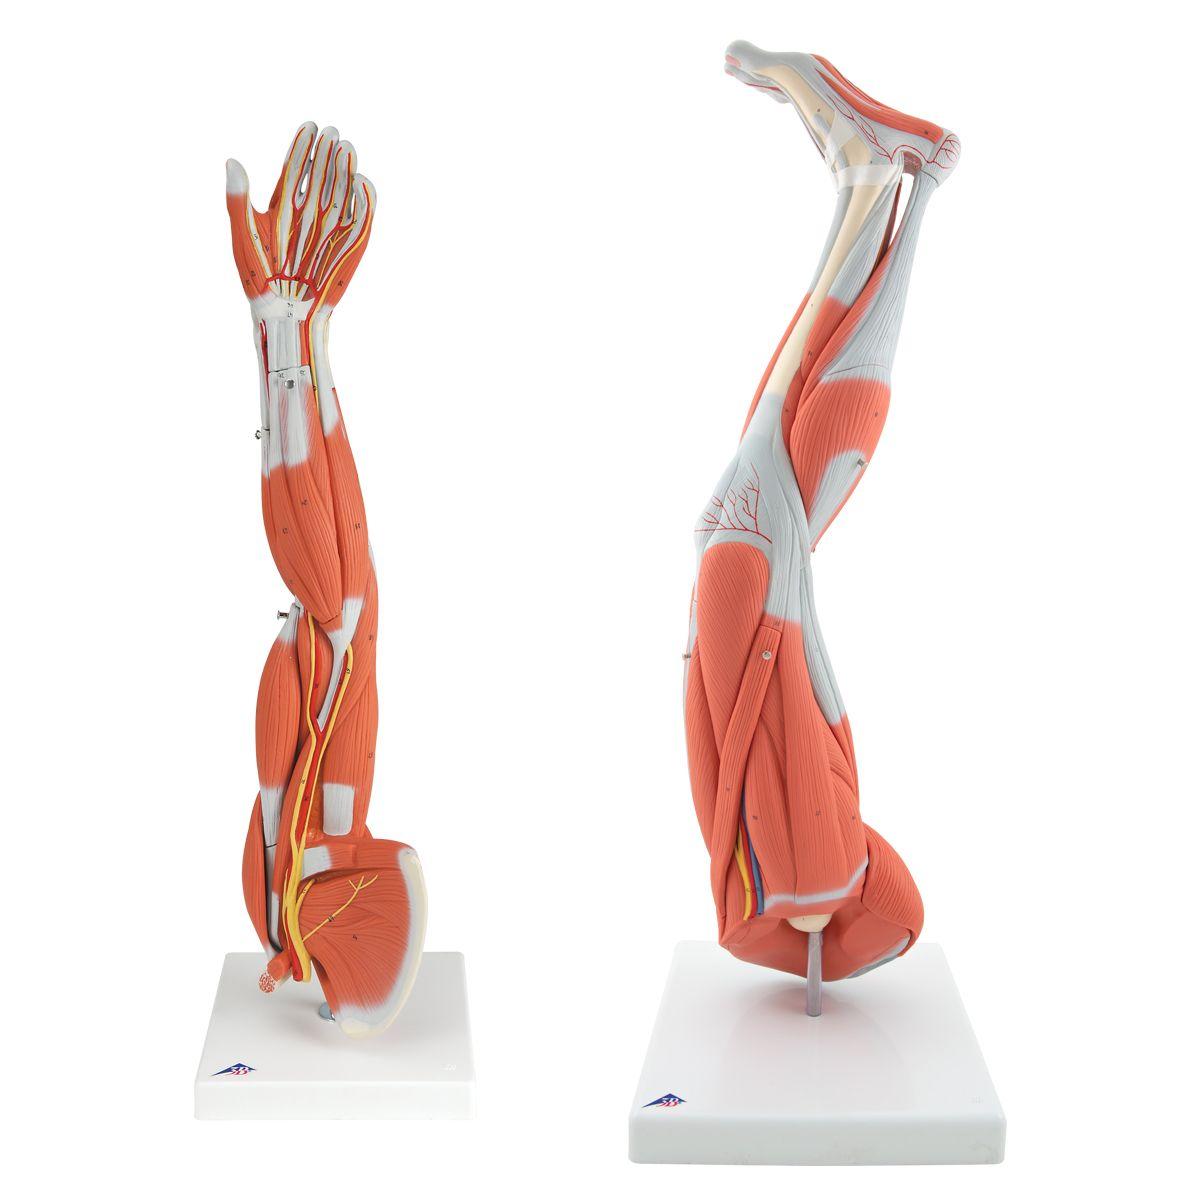 Ungewöhnlich Muskelmodell Anatomie Bilder - Physiologie Von ...